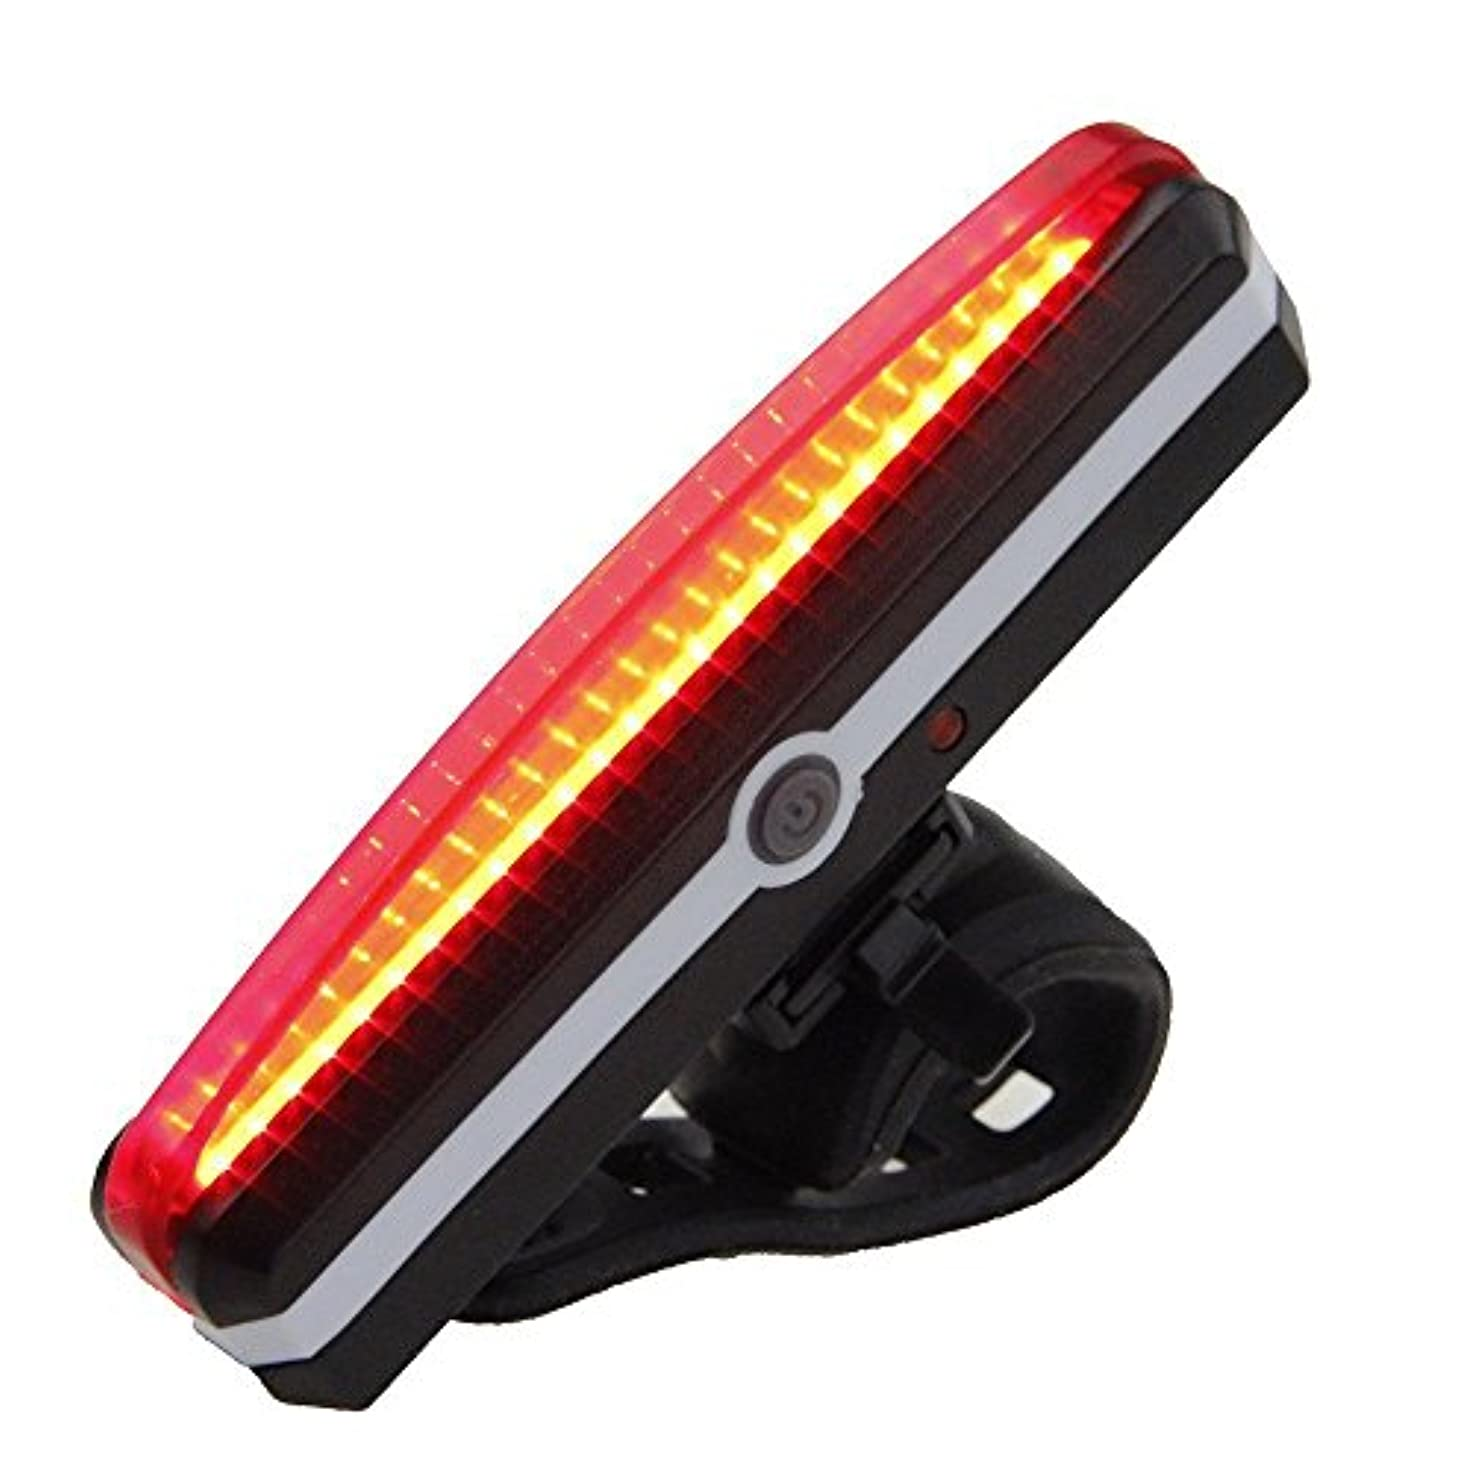 供給分染料ウルトラブライトバイクライトUSB充電式パワフルセーフティ自転車テールライトスポーツLEDレッドリアバイクライト、6ライトモードオプション、ワンタッチマウントおよびマウント解除、IPX4防水、全バイク用